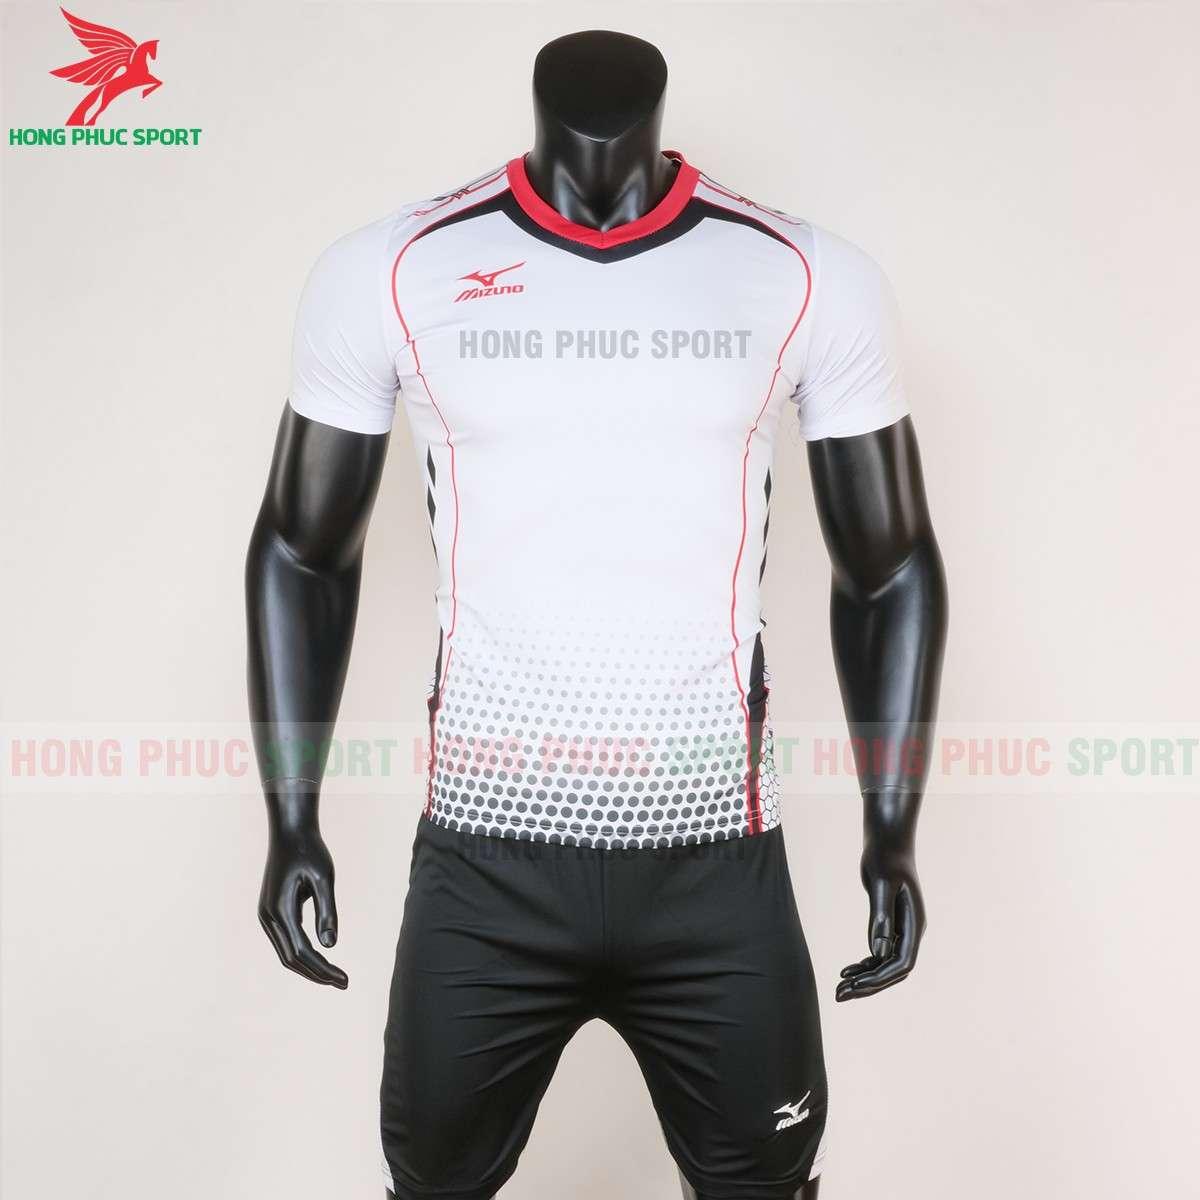 Quần áo bóng chuyền Mizuno 2020 màu trắng